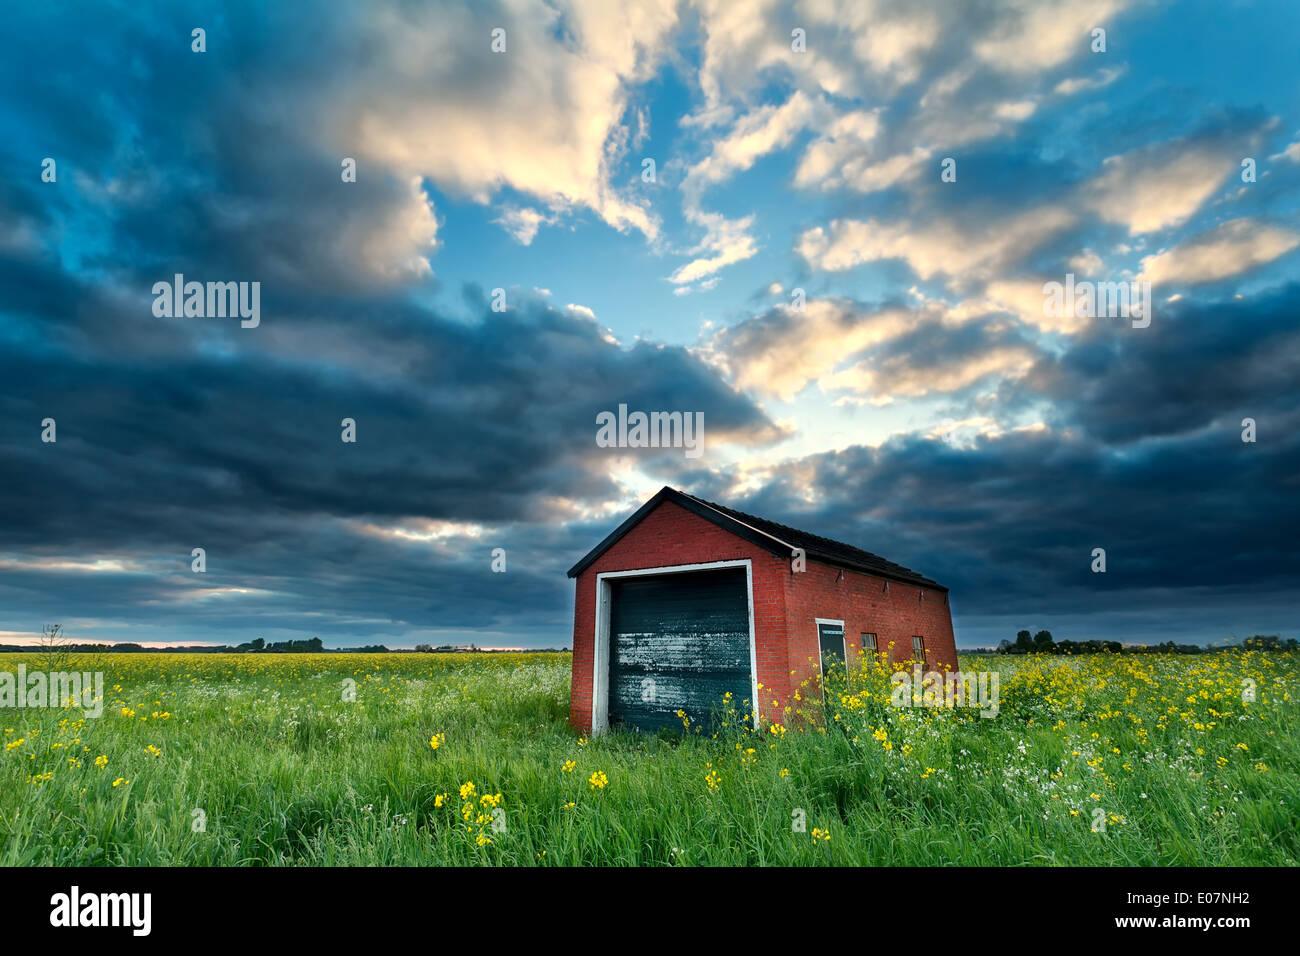 Bauernhaus auf Raps Feld bei stürmischen Sonnenuntergang, Niederlande Stockbild